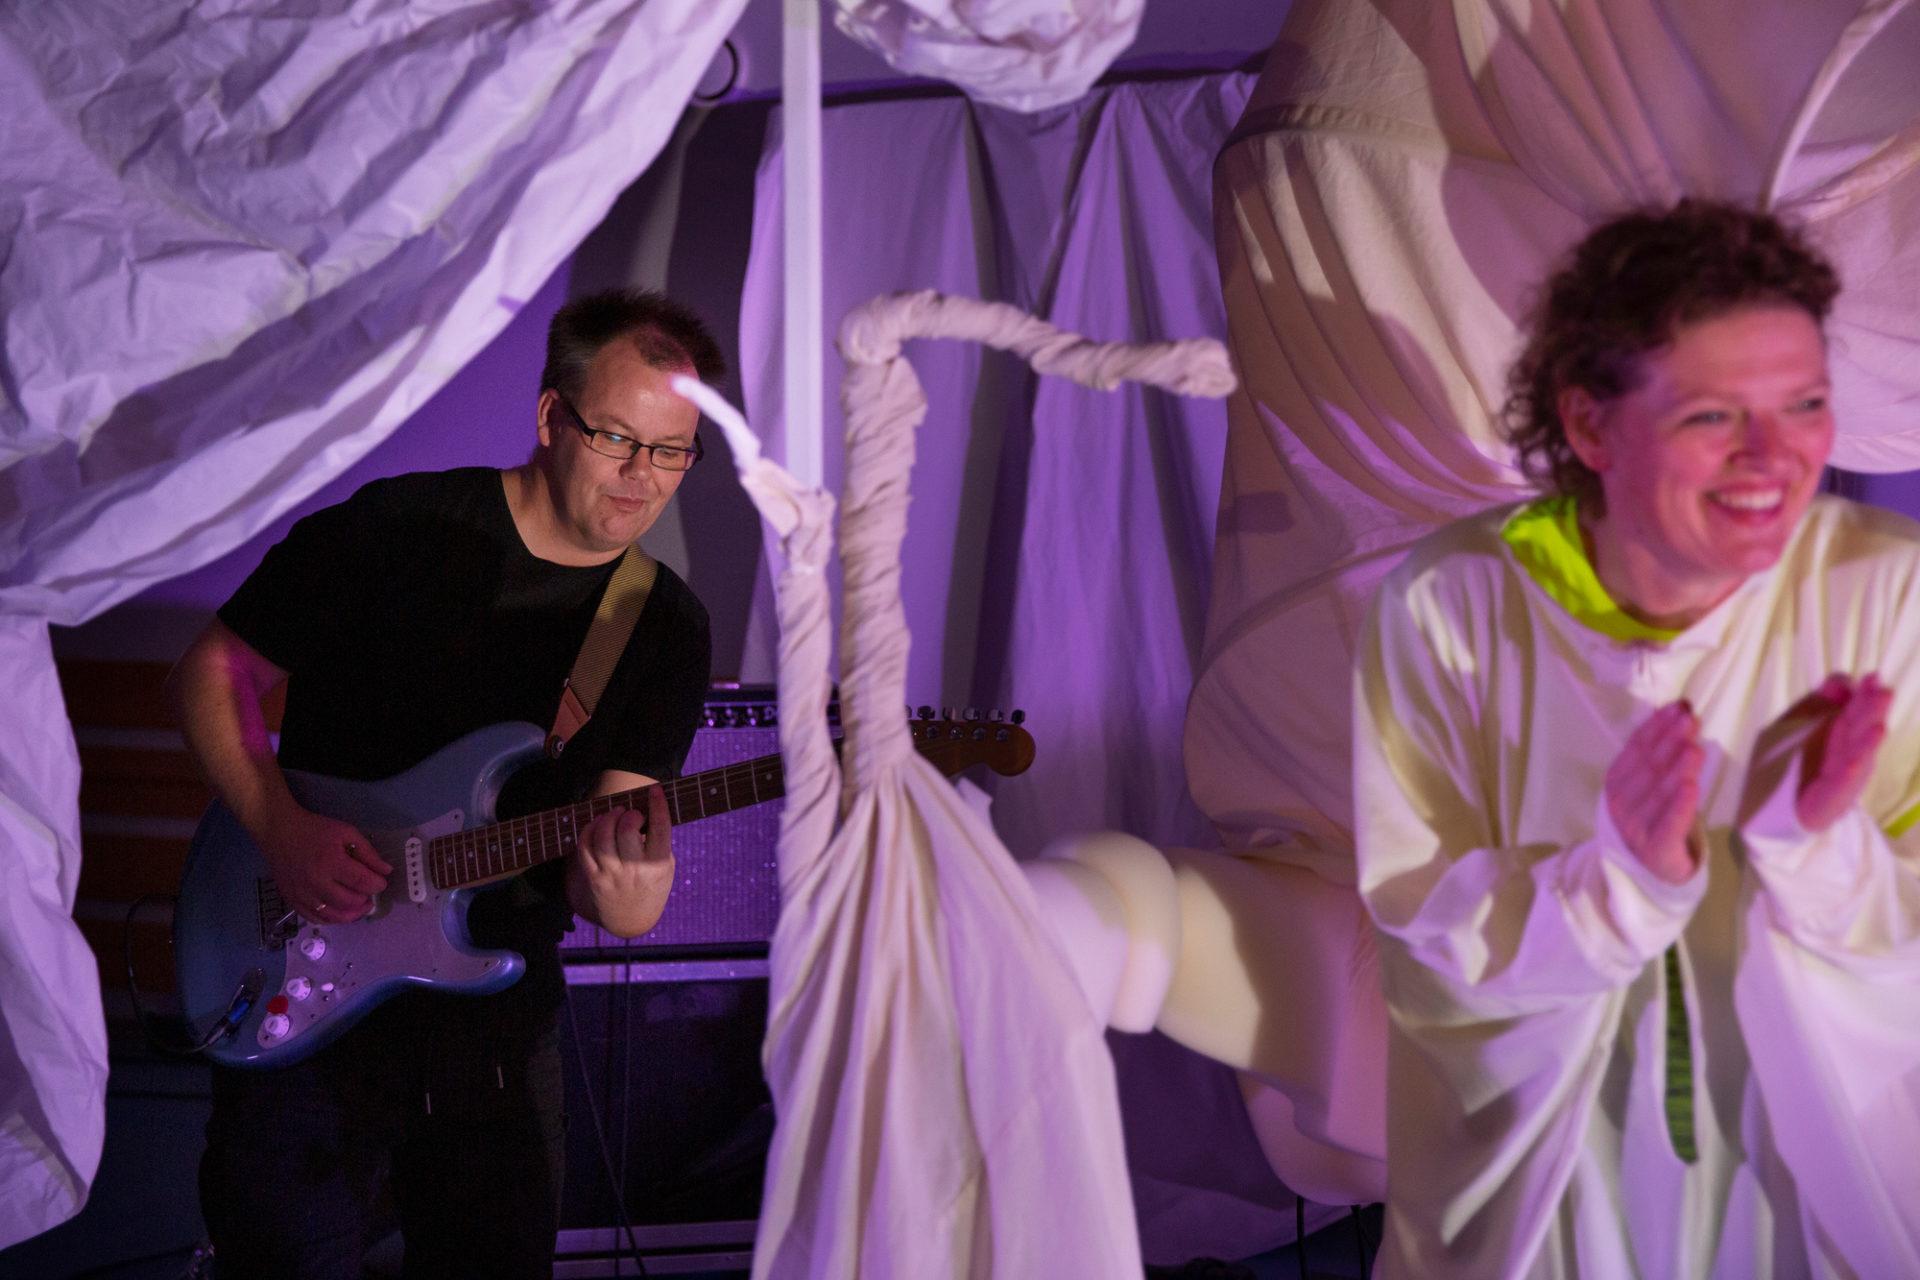 Bilde av gitarist i bakgrunnen av skuespiller